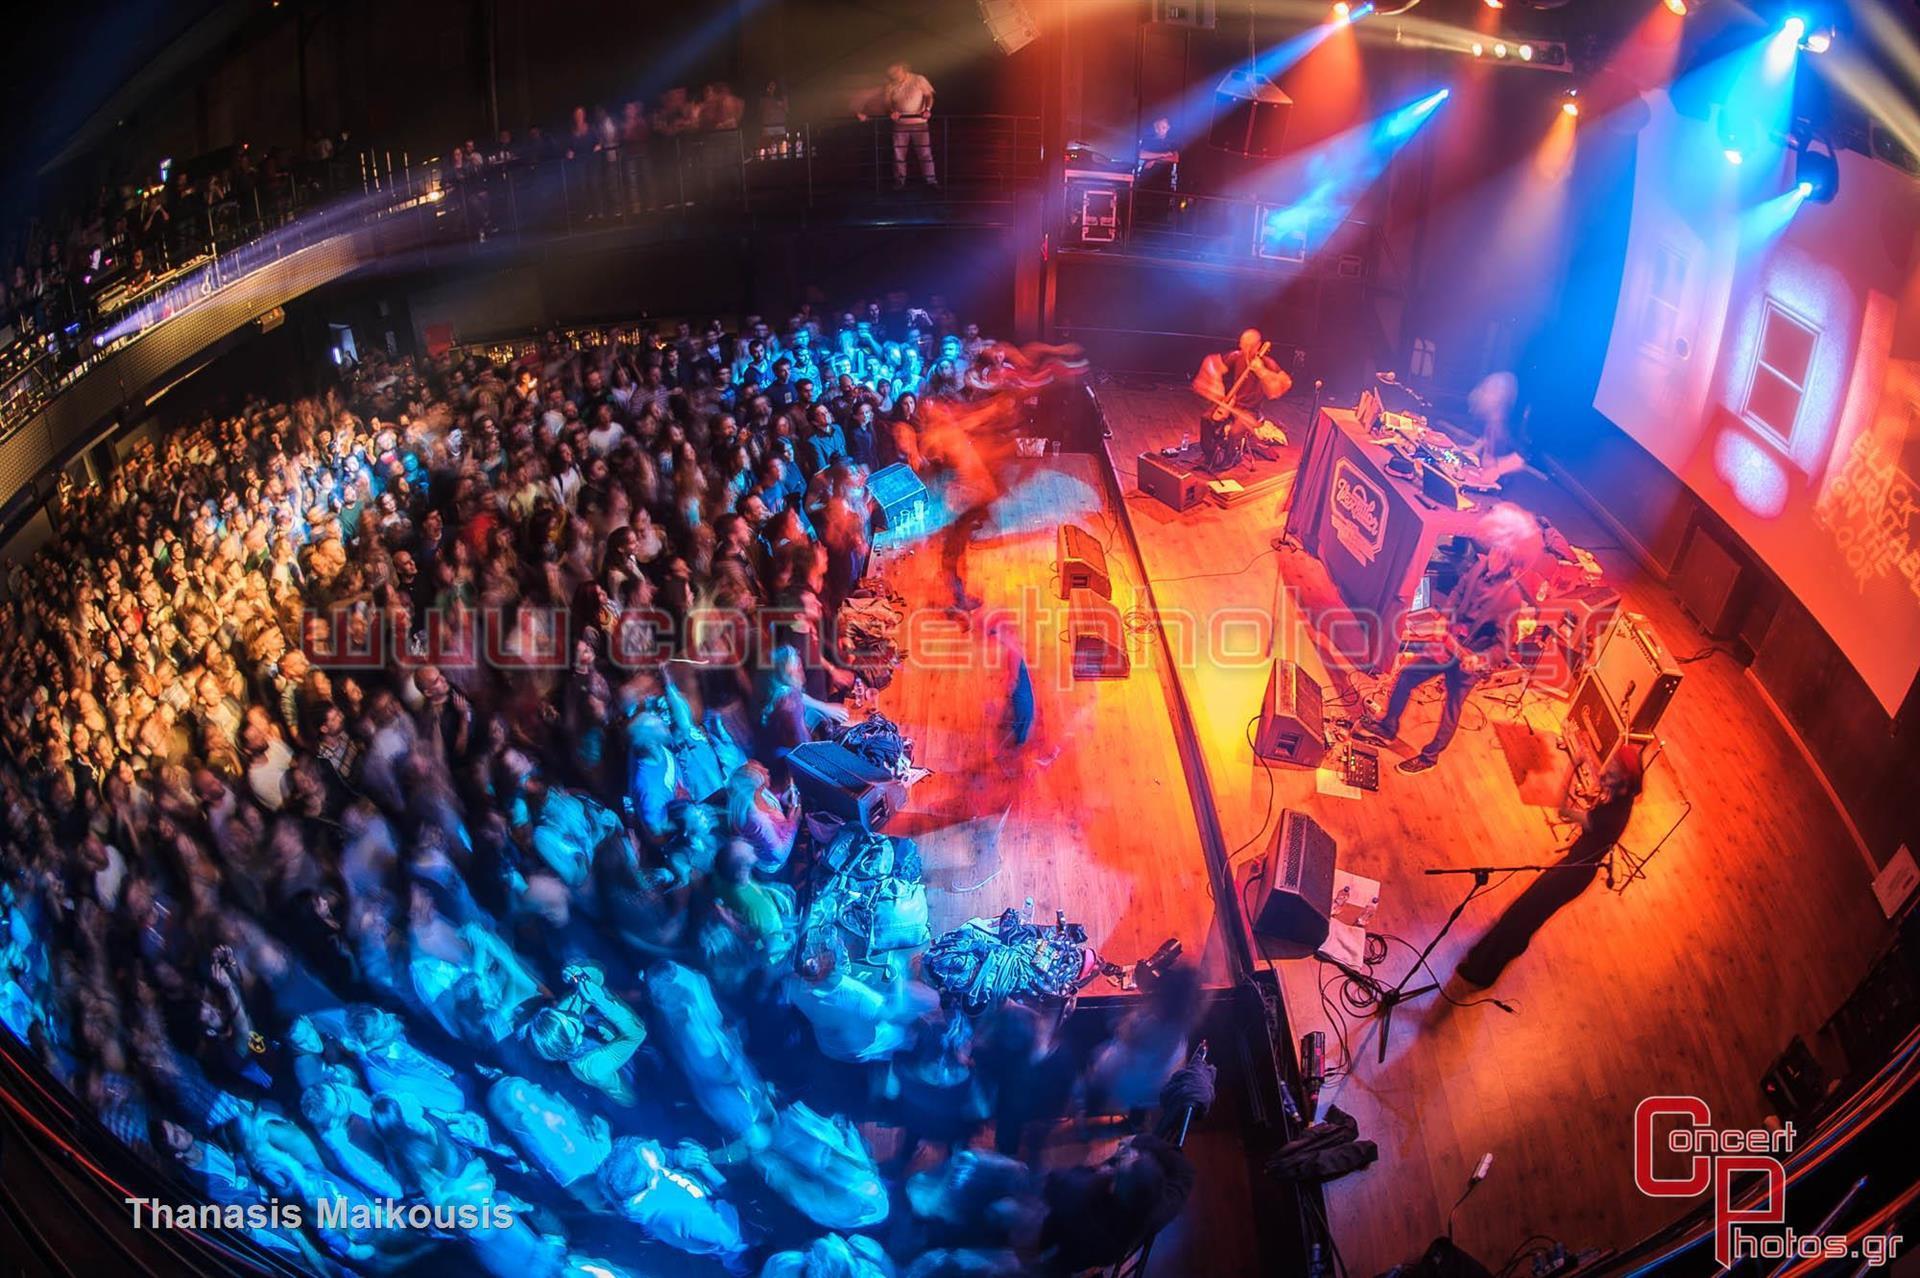 Wax Tailor - photographer: Thanasis Maikousis - ConcertPhotos-8158